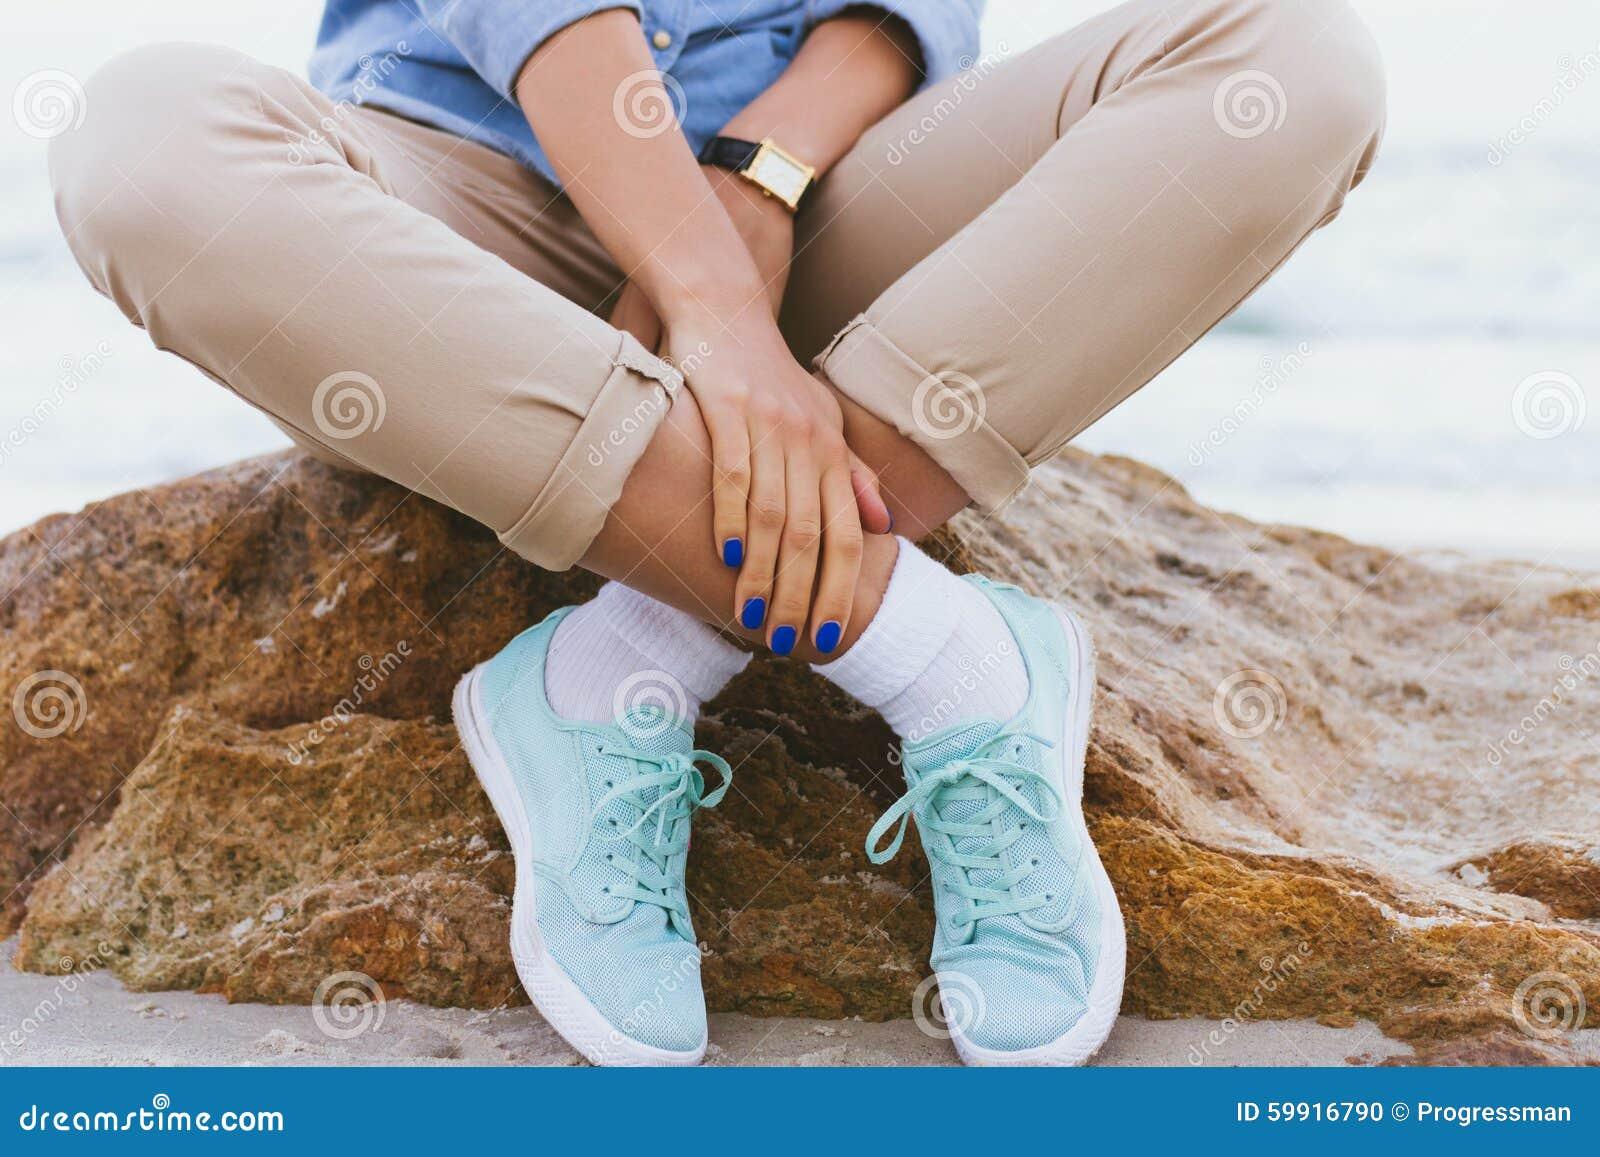 Mujer En Pantalones Beige Y Una Camisa Del Dril De Algodon Y Zapatillas De Deporte De La Turquesa Foto De Archivo Imagen De Mujer Zapatillas 59916790